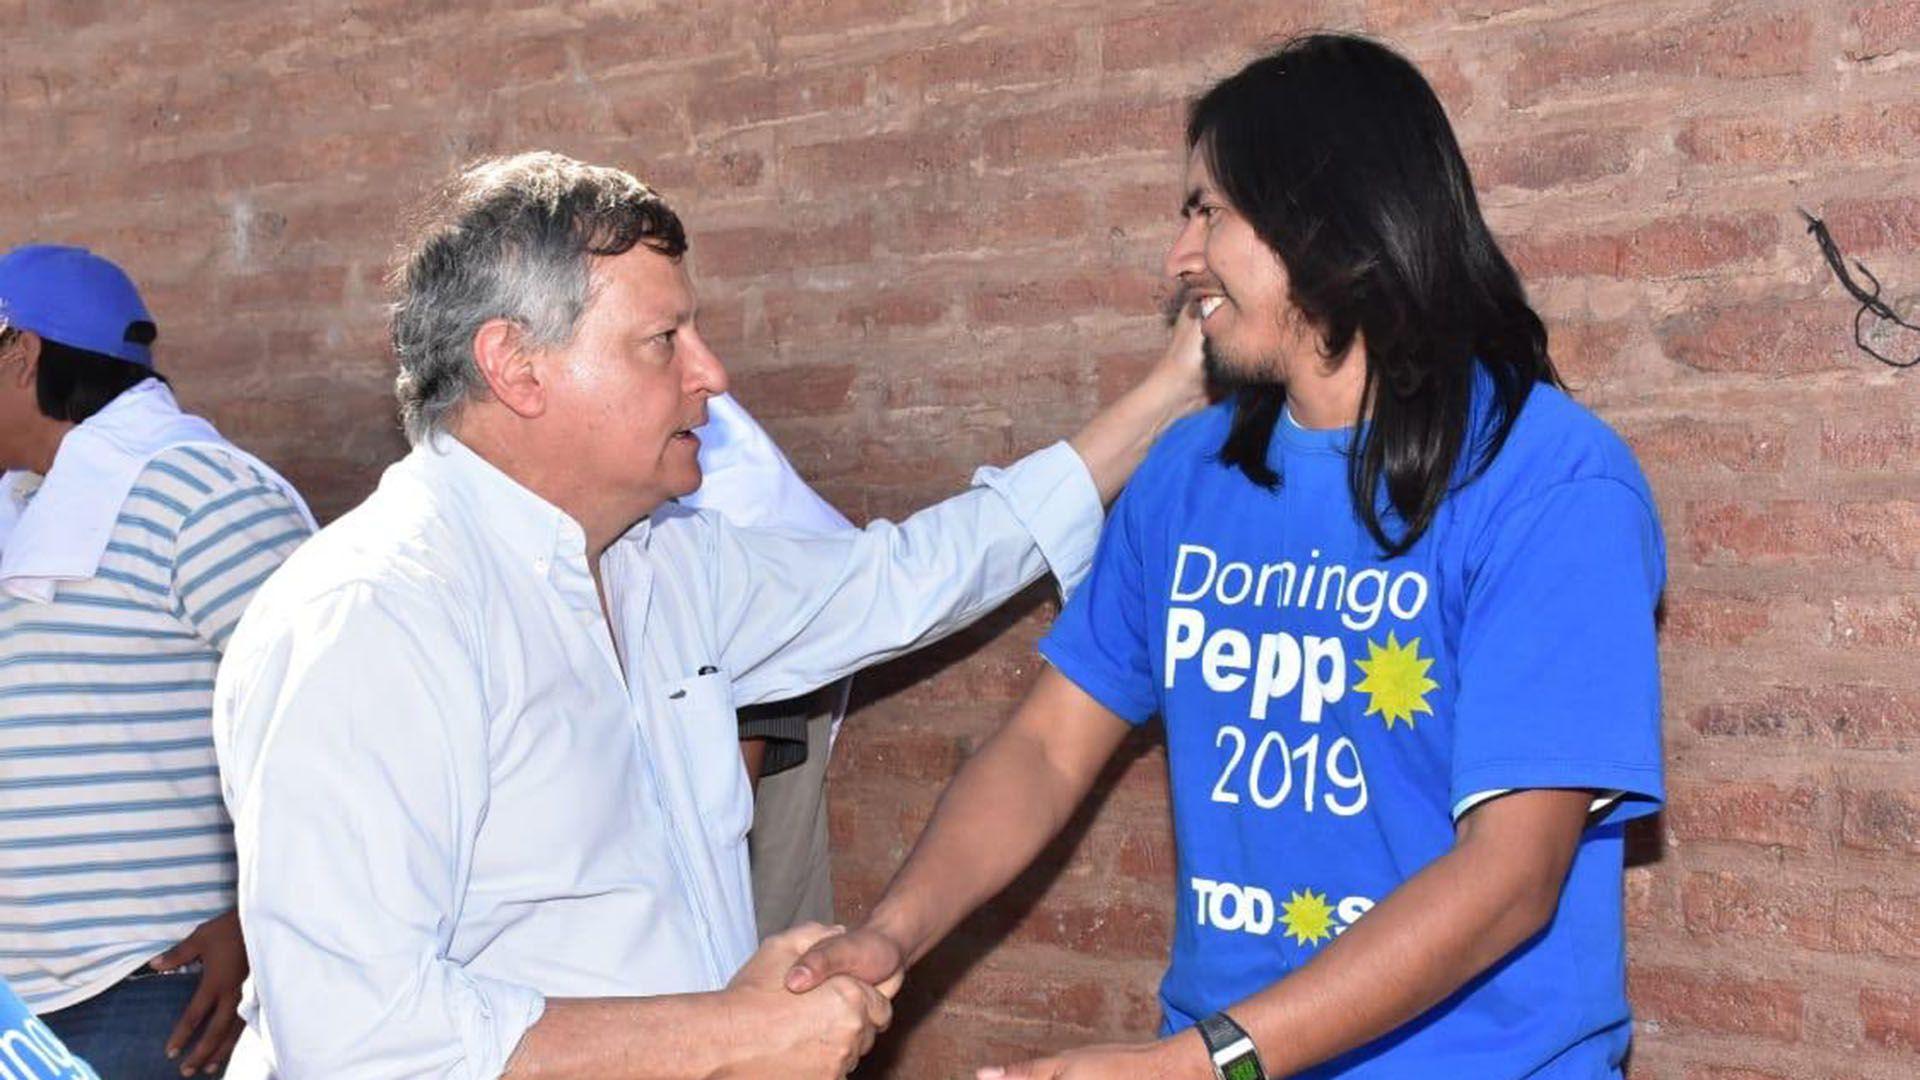 El ex gobernador de Chaco y actual embajador argentino en Paraguay, Domingo Peppo, es parte de la lista (@domingopeppo)